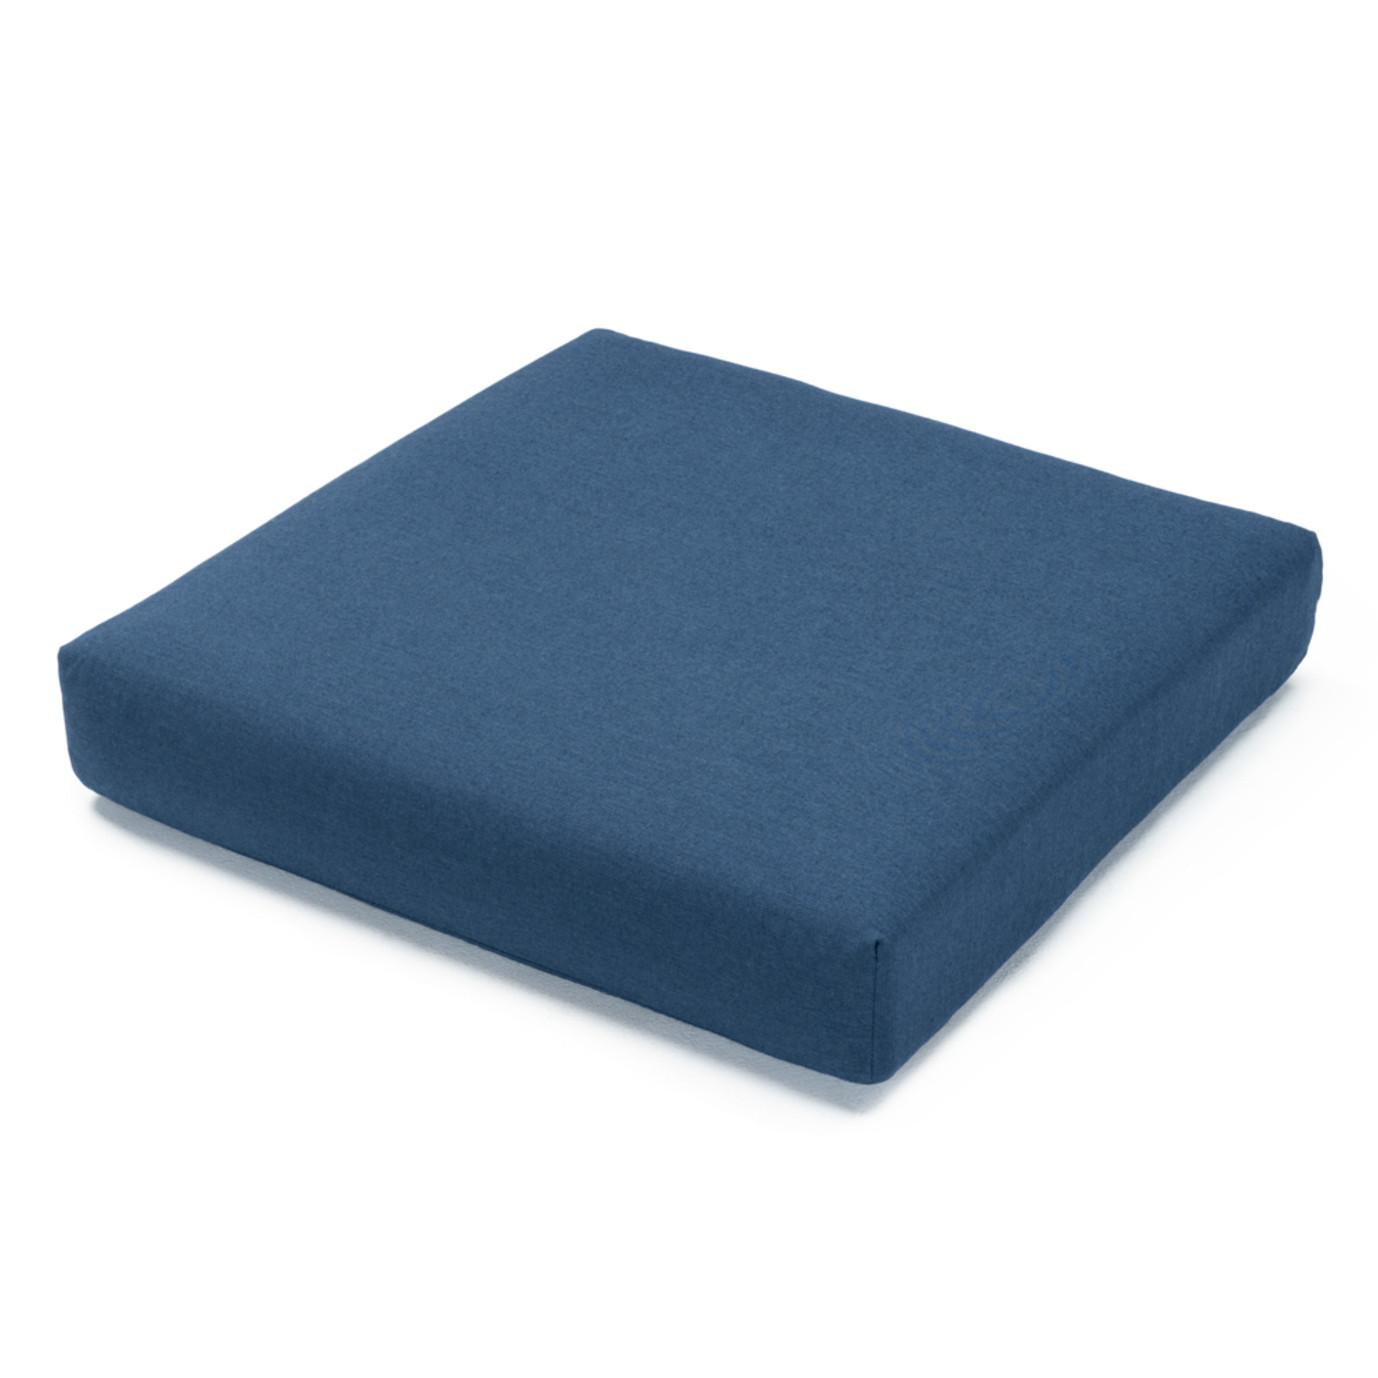 Portofino Comfort Corner Chair Base Cushion - Laguna Blue